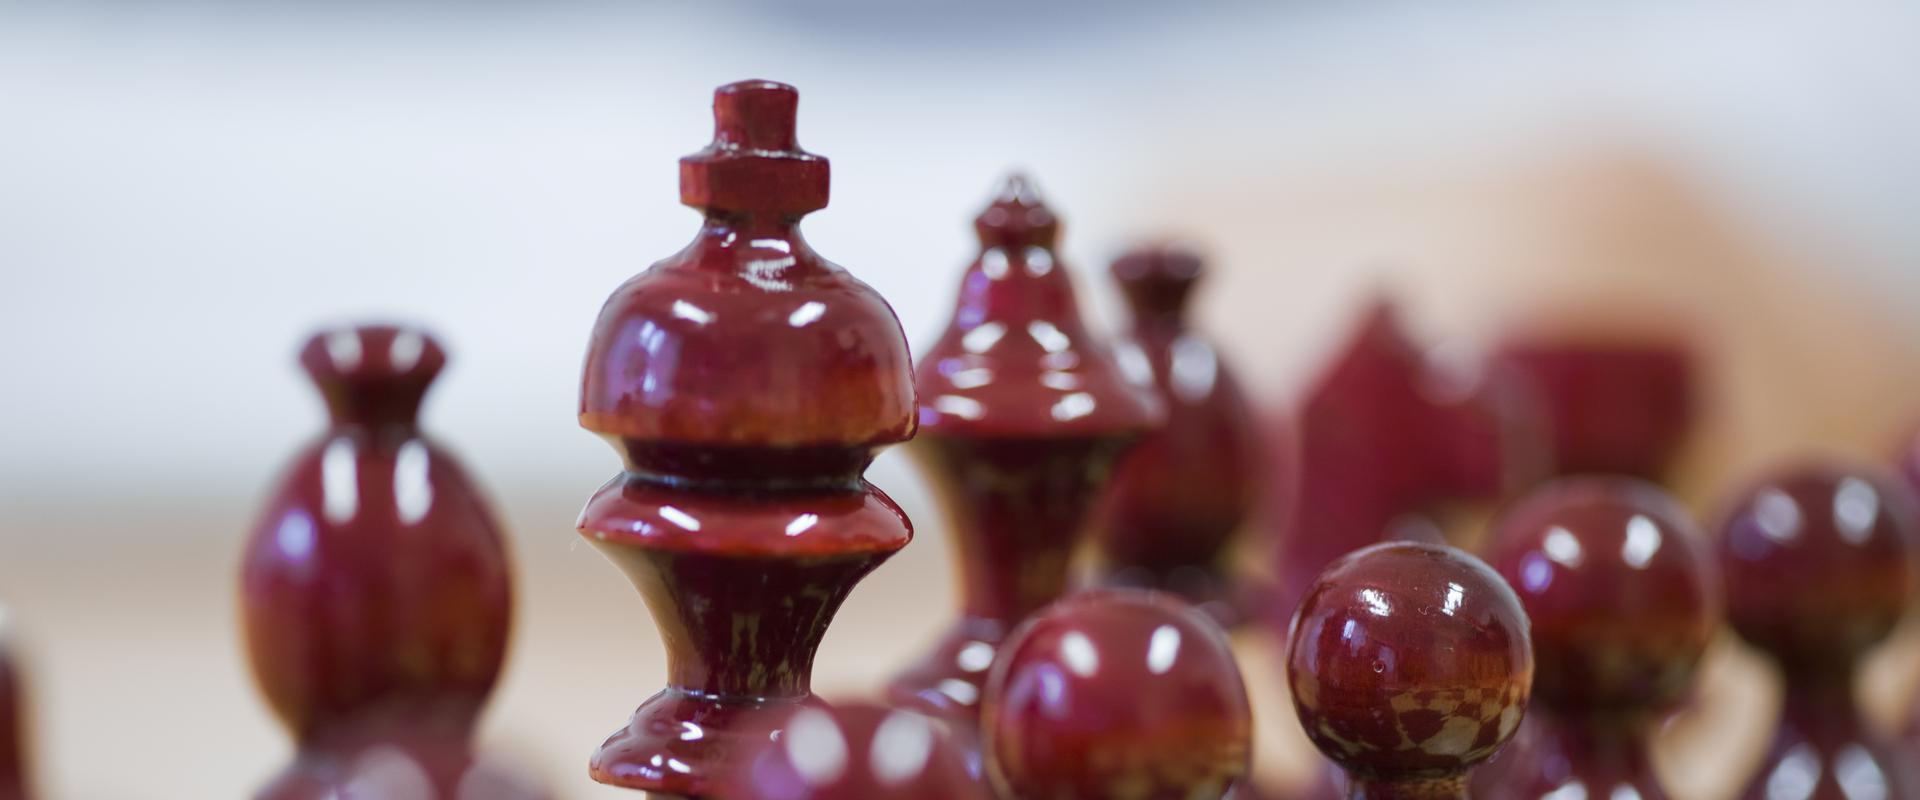 Schachfiguren in der MEDIAN Klinik Gyhum